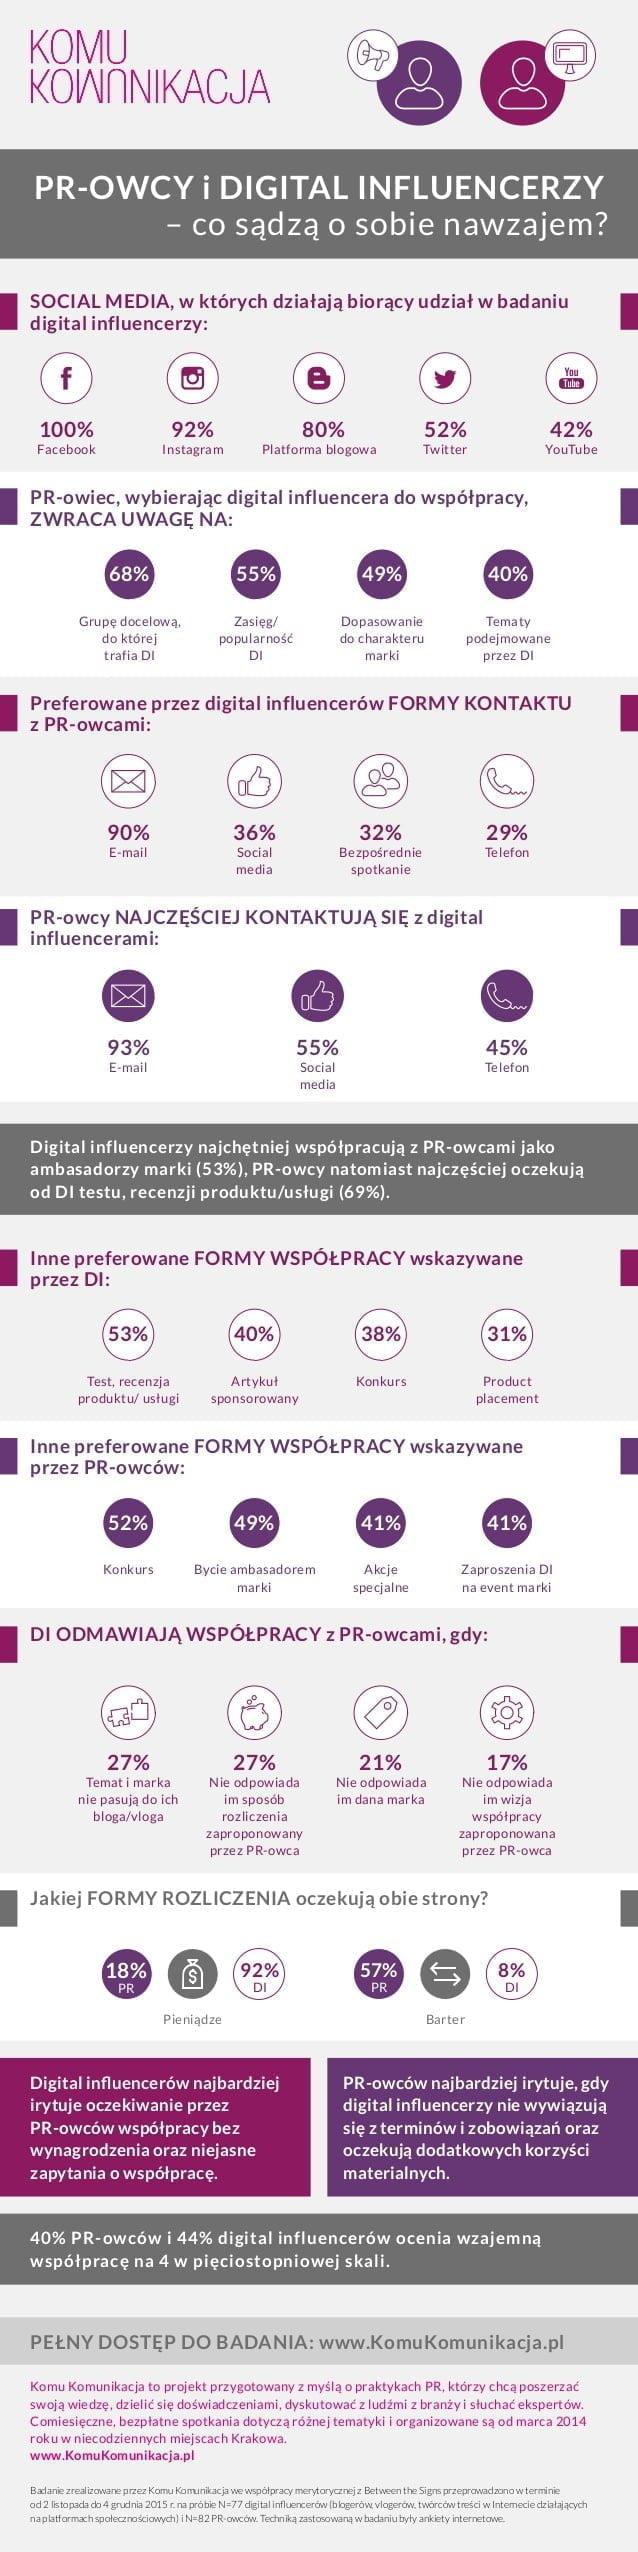 prowcy-i-digital-influencerzy-co-sdz-o-sobie-nawzajem-infografika-dot-raportu-z-oglnopolskiego-badania-komu-komunikacja-1-638